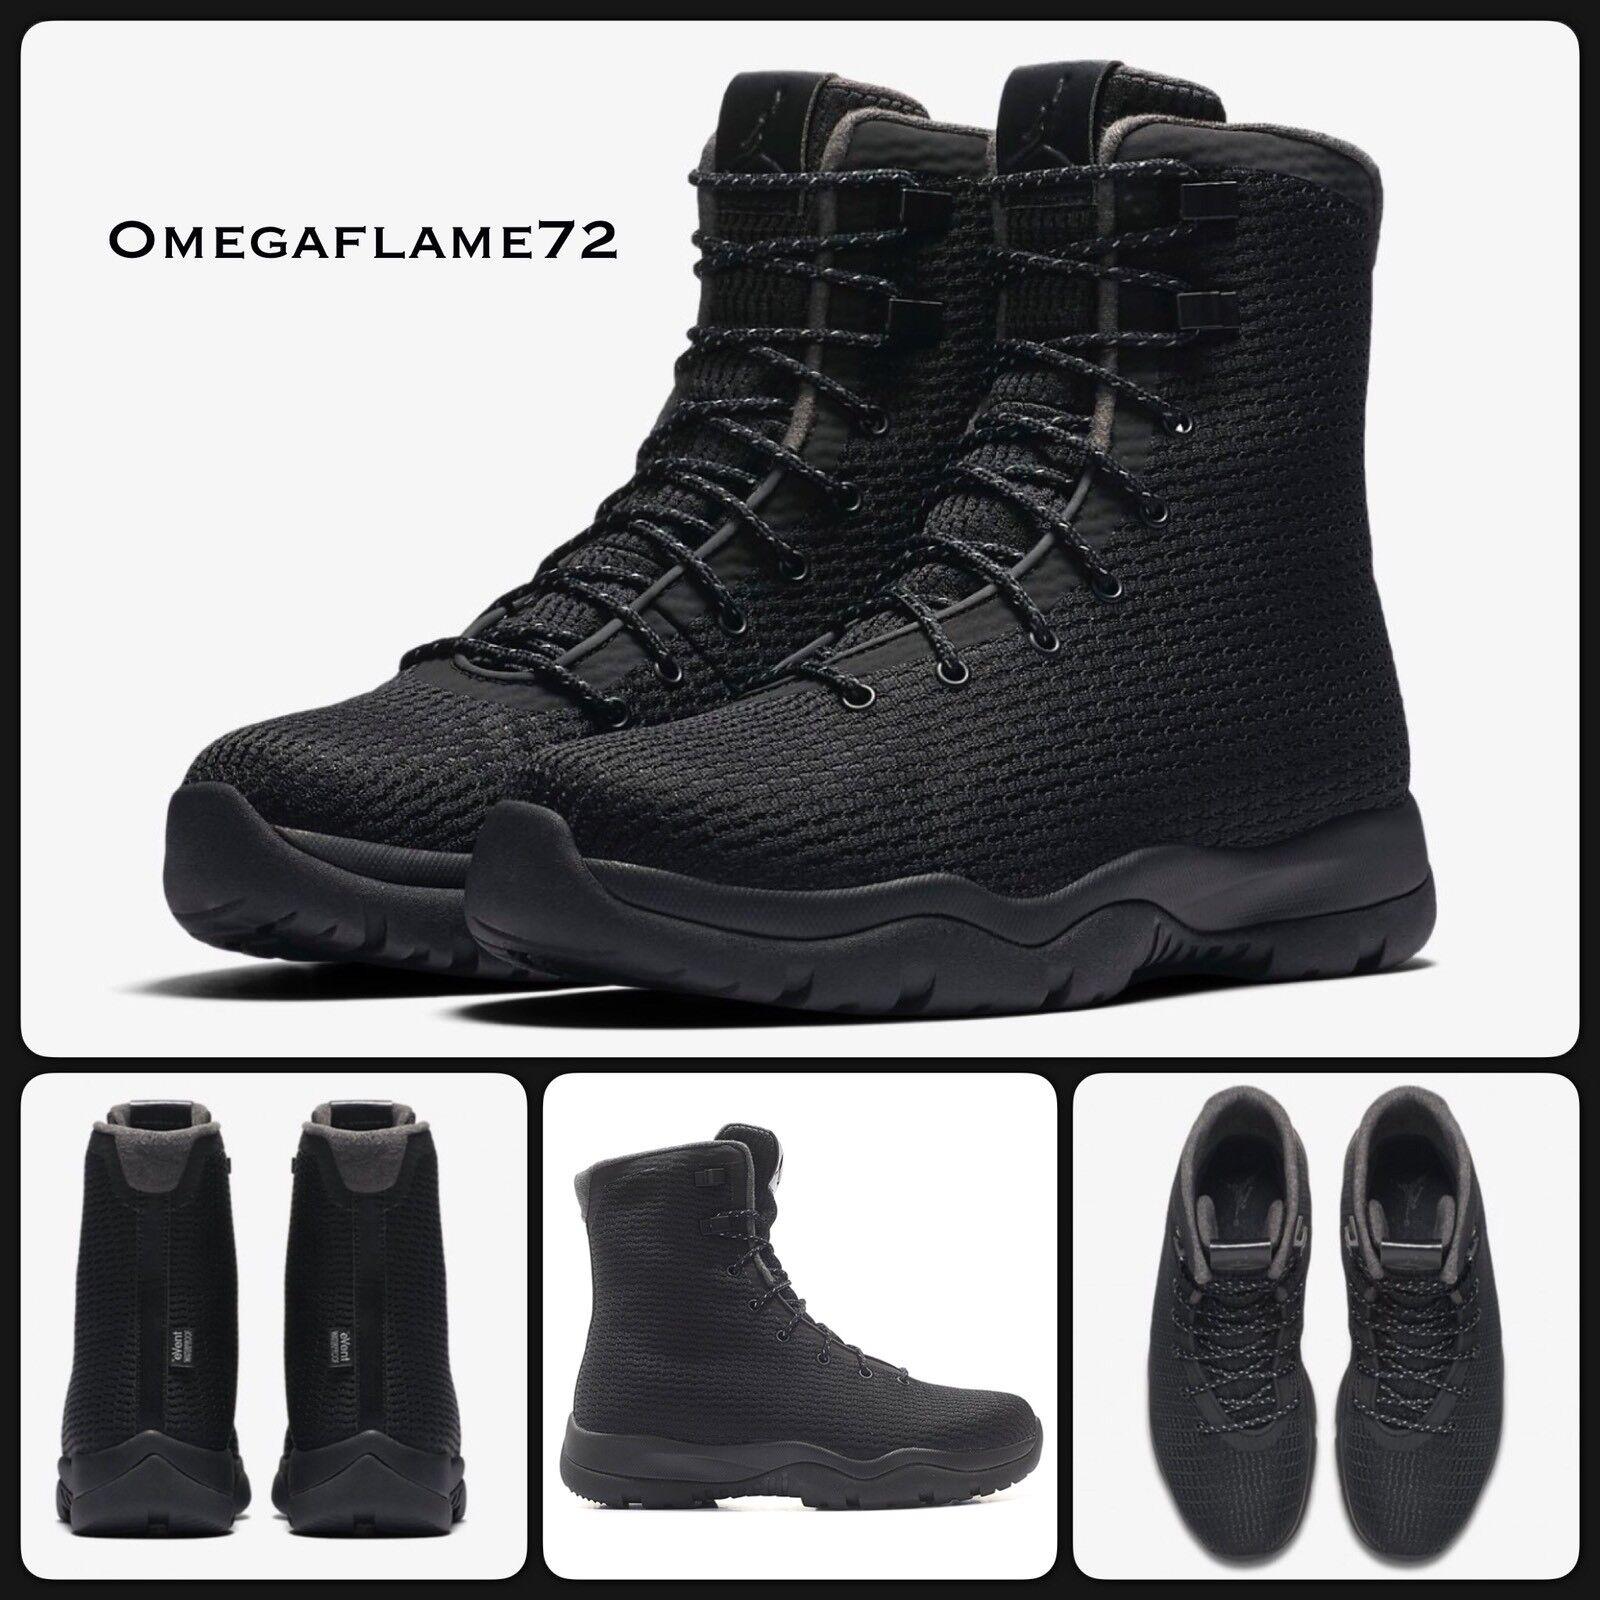 Nike Air Jordan Future Boot Waterproof, 854554-002, UK 8, EU US 42.5, US EU 9, Noir caed36